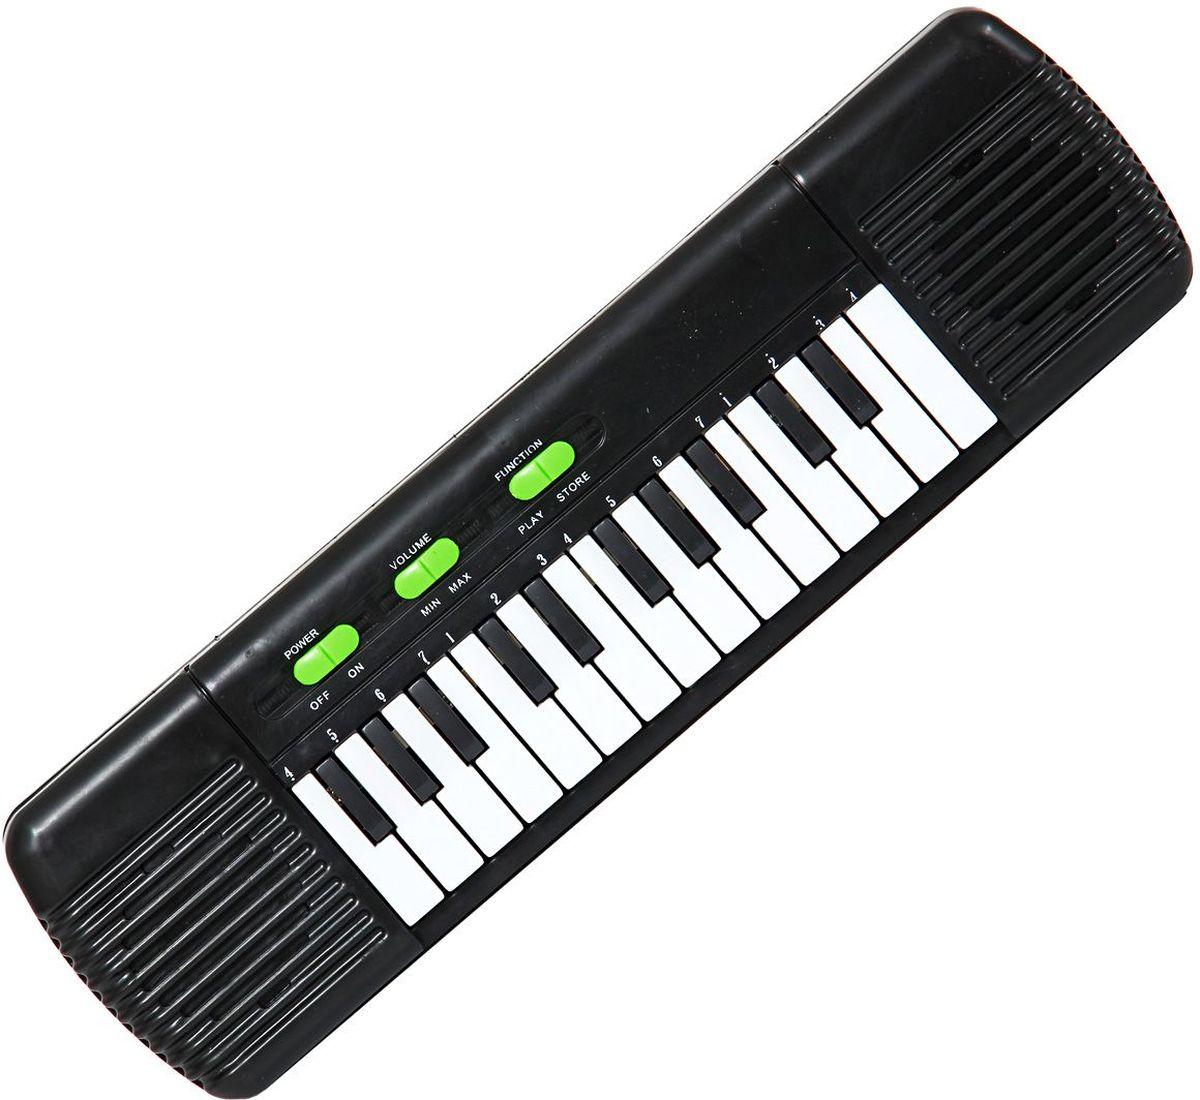 Ami&Co Музыкальный инструмент Синтезатор 25 клавиш 42942 детский музыкальный инструмент disney синтезатор софия прекрасная волшебная музыка 2875730